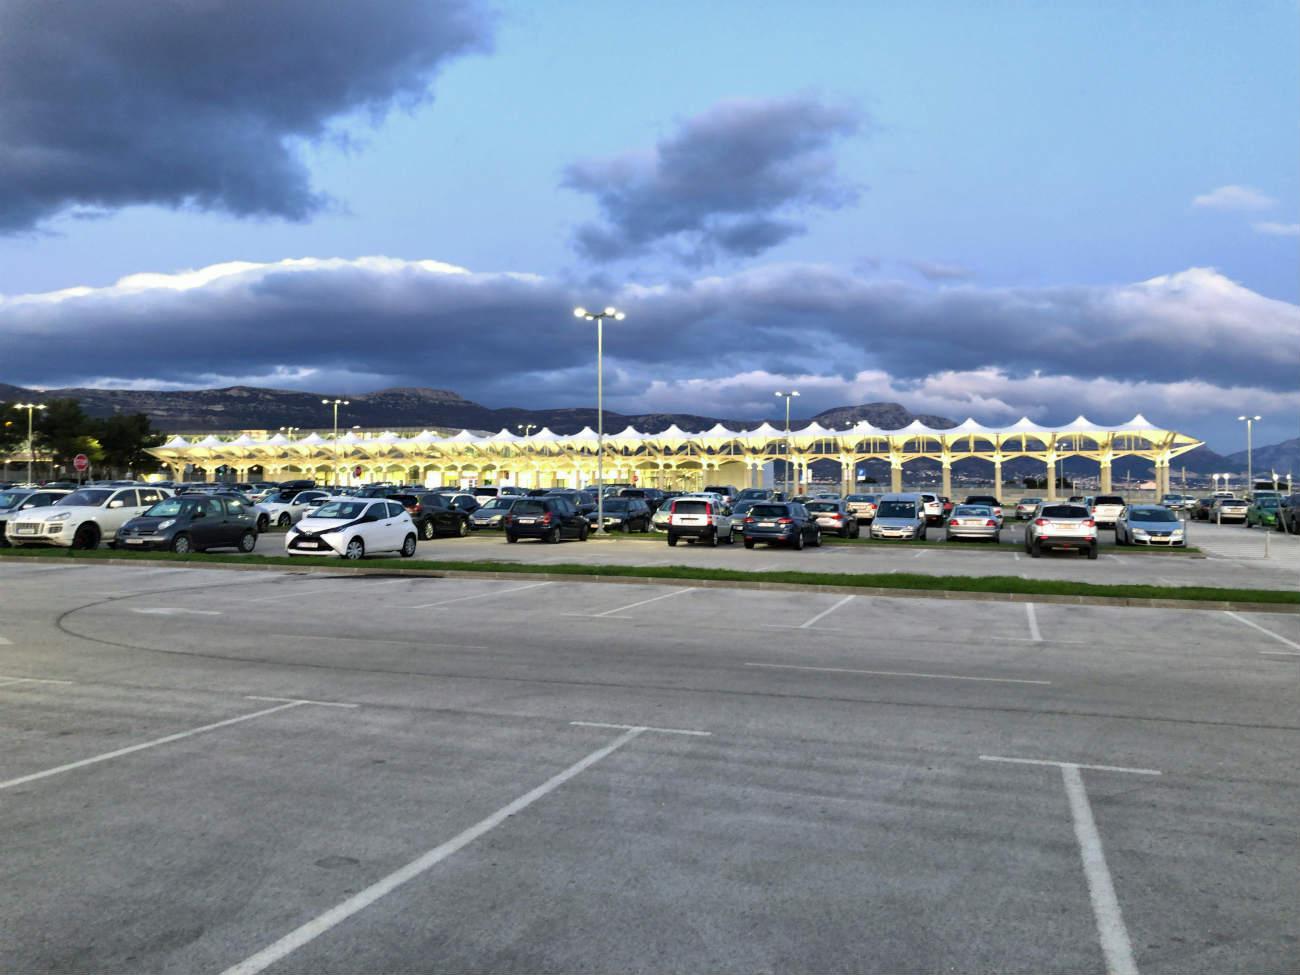 スプリット空港の駐車場